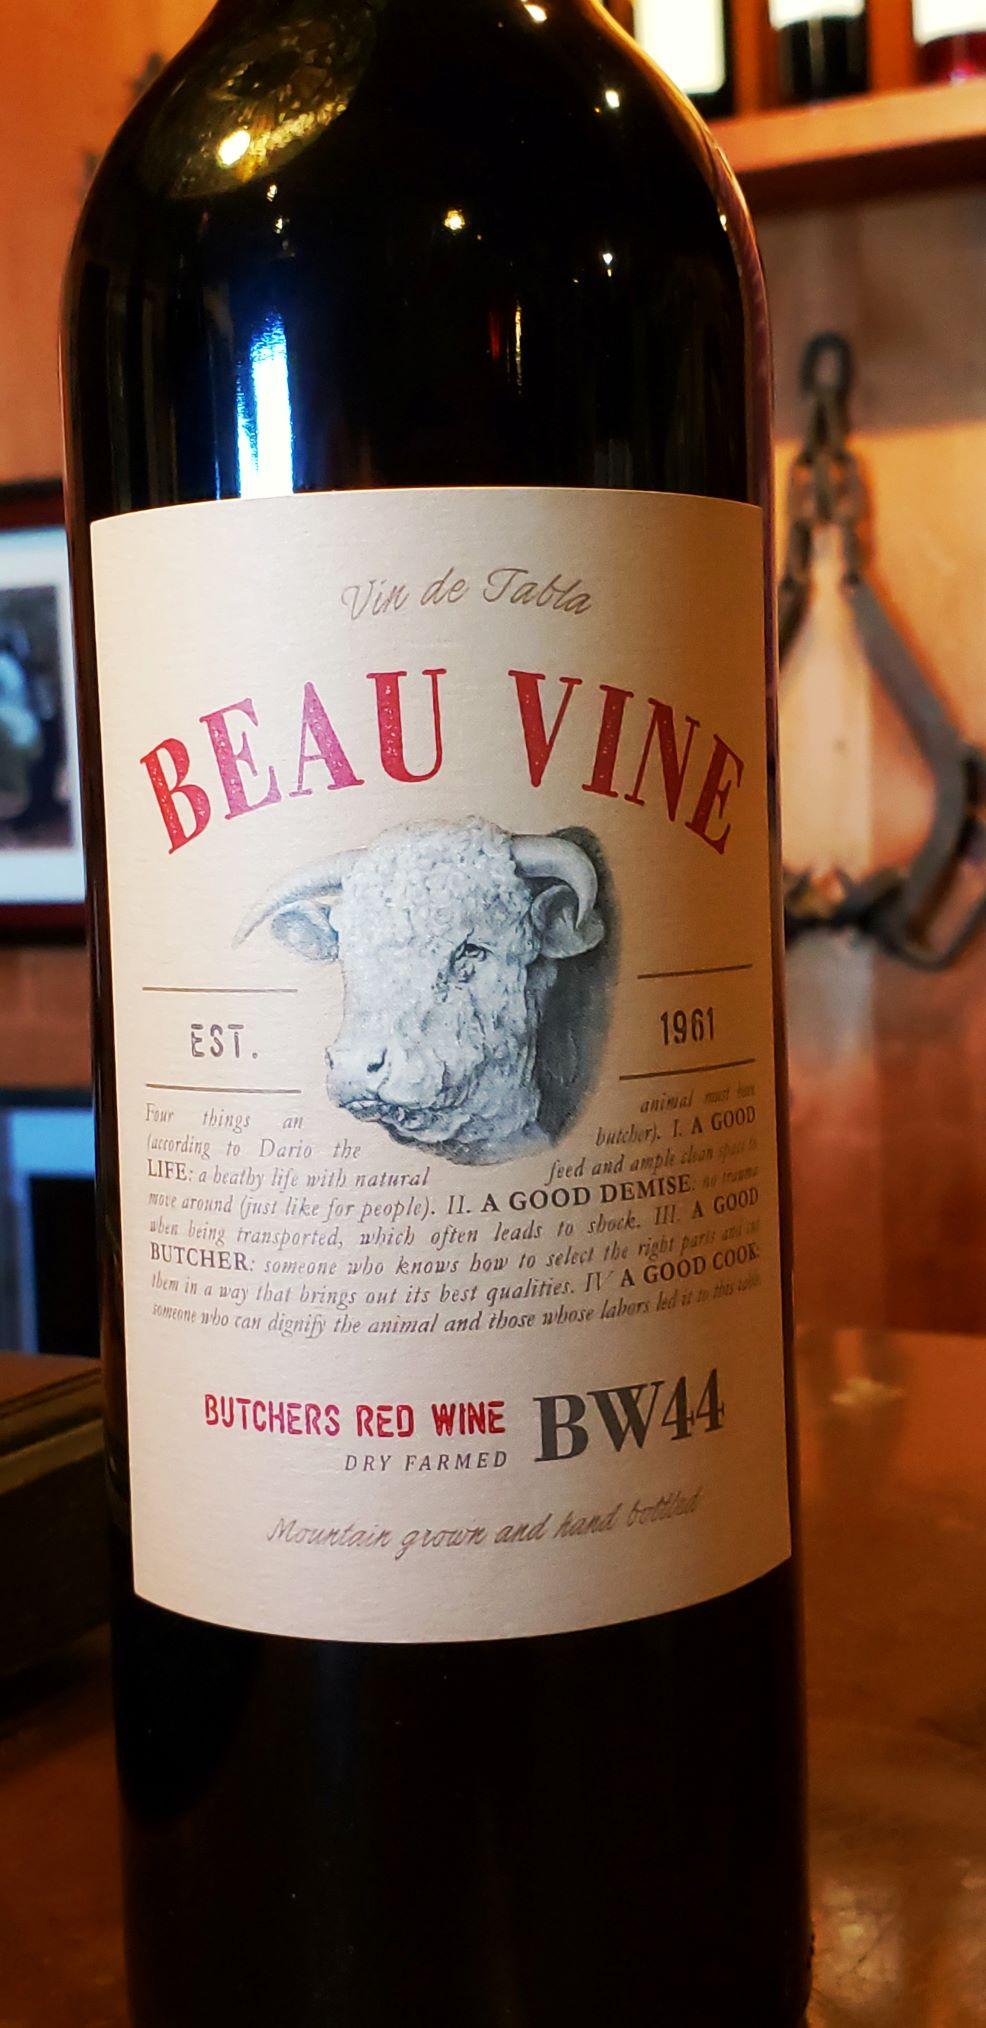 Beau Vine